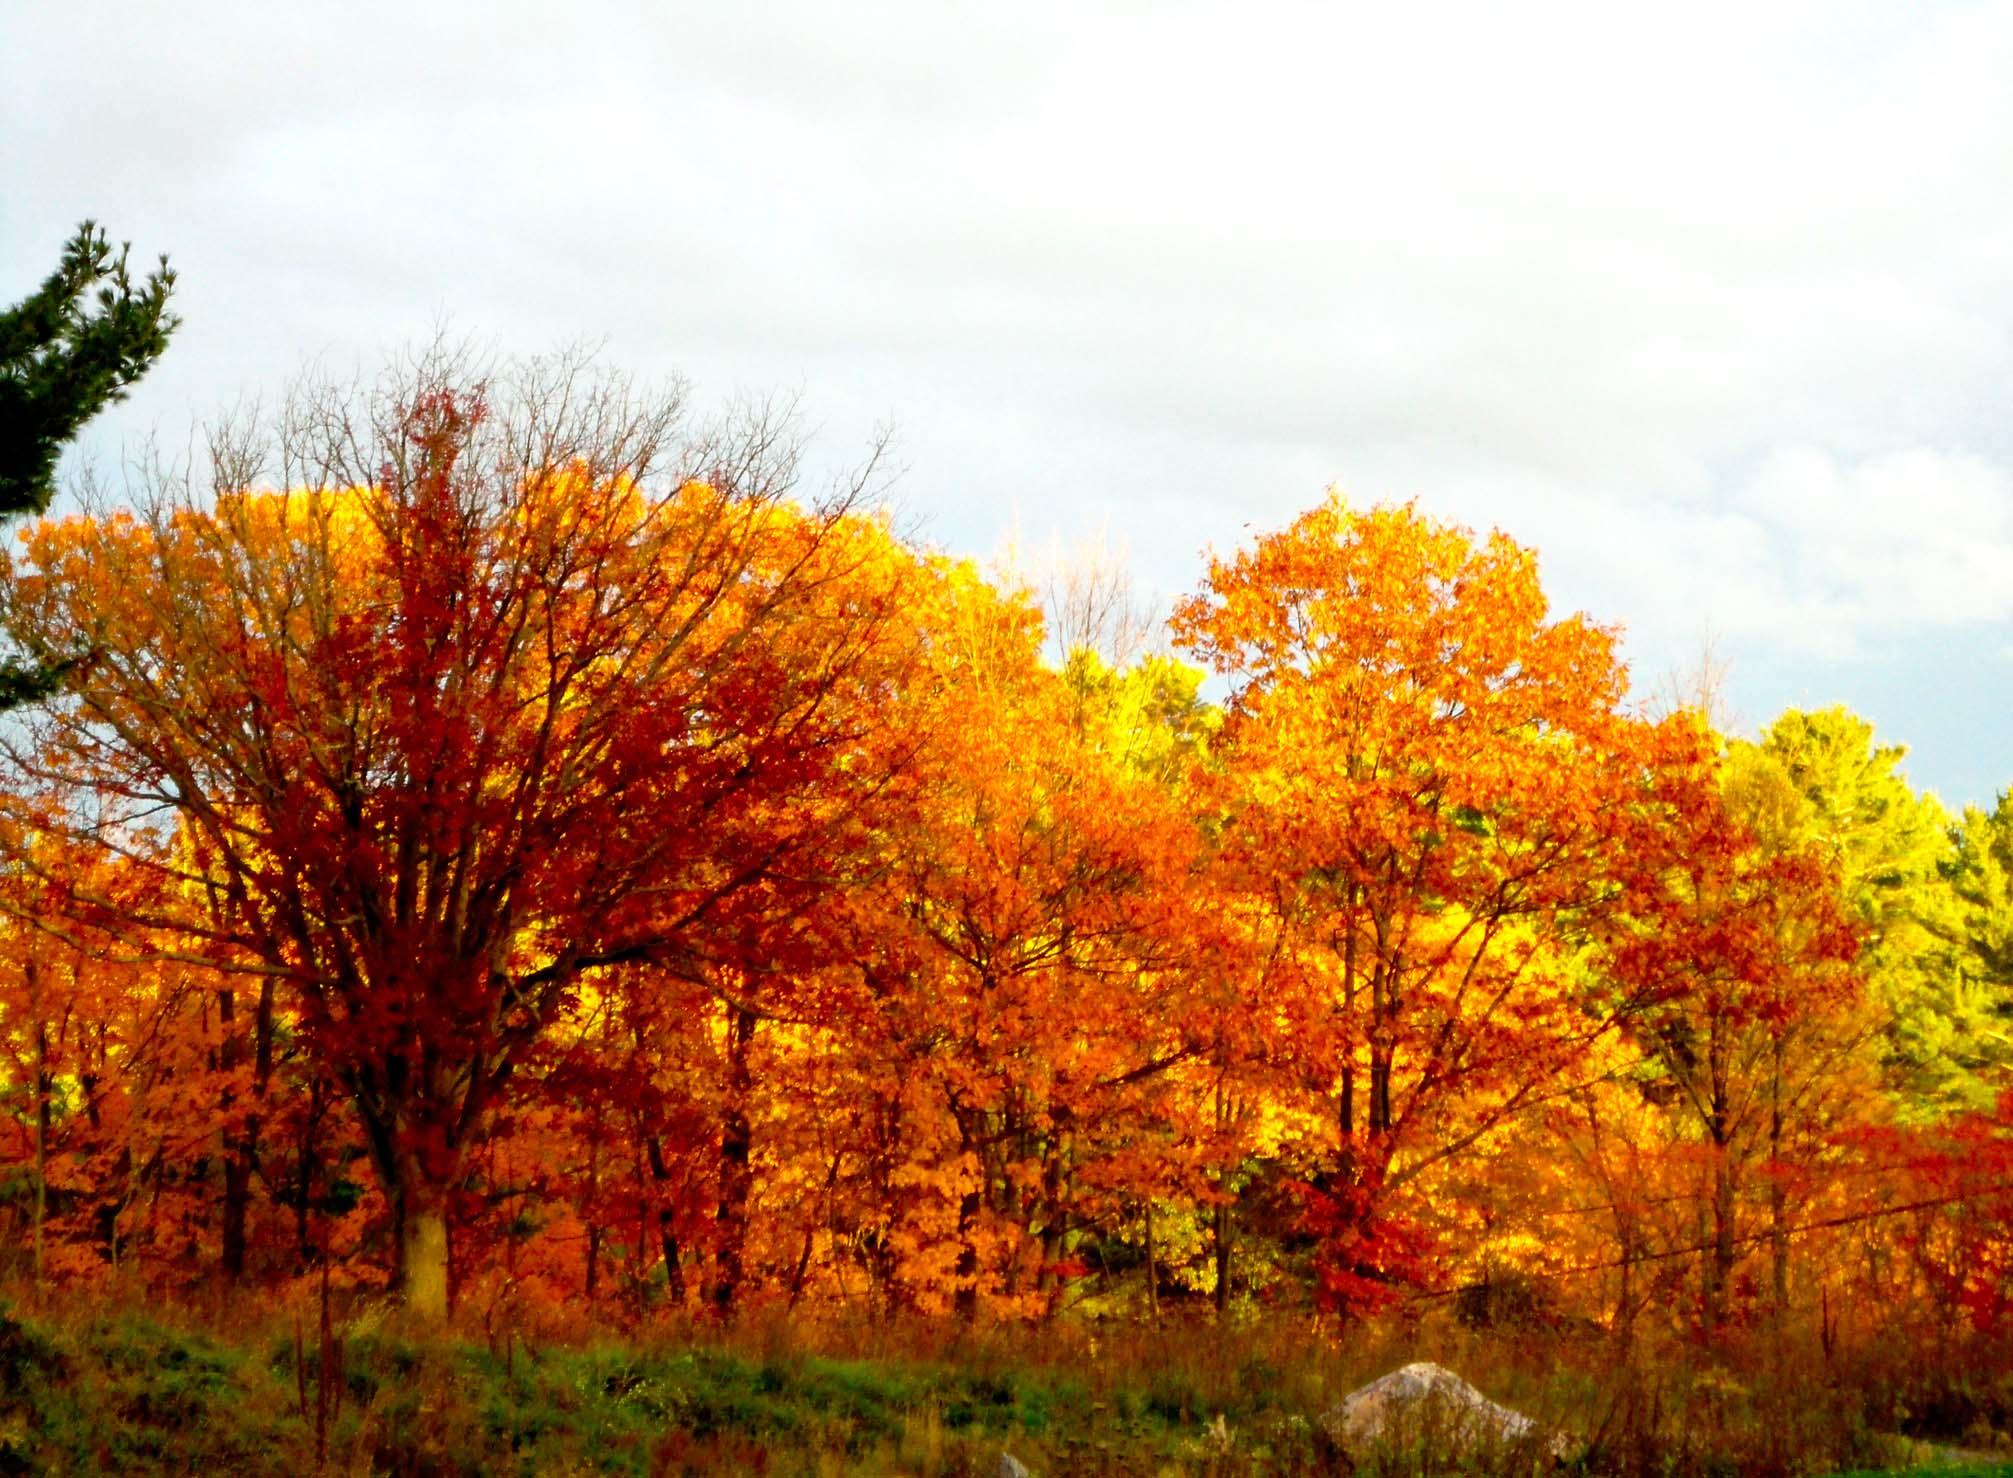 Burning fall tree